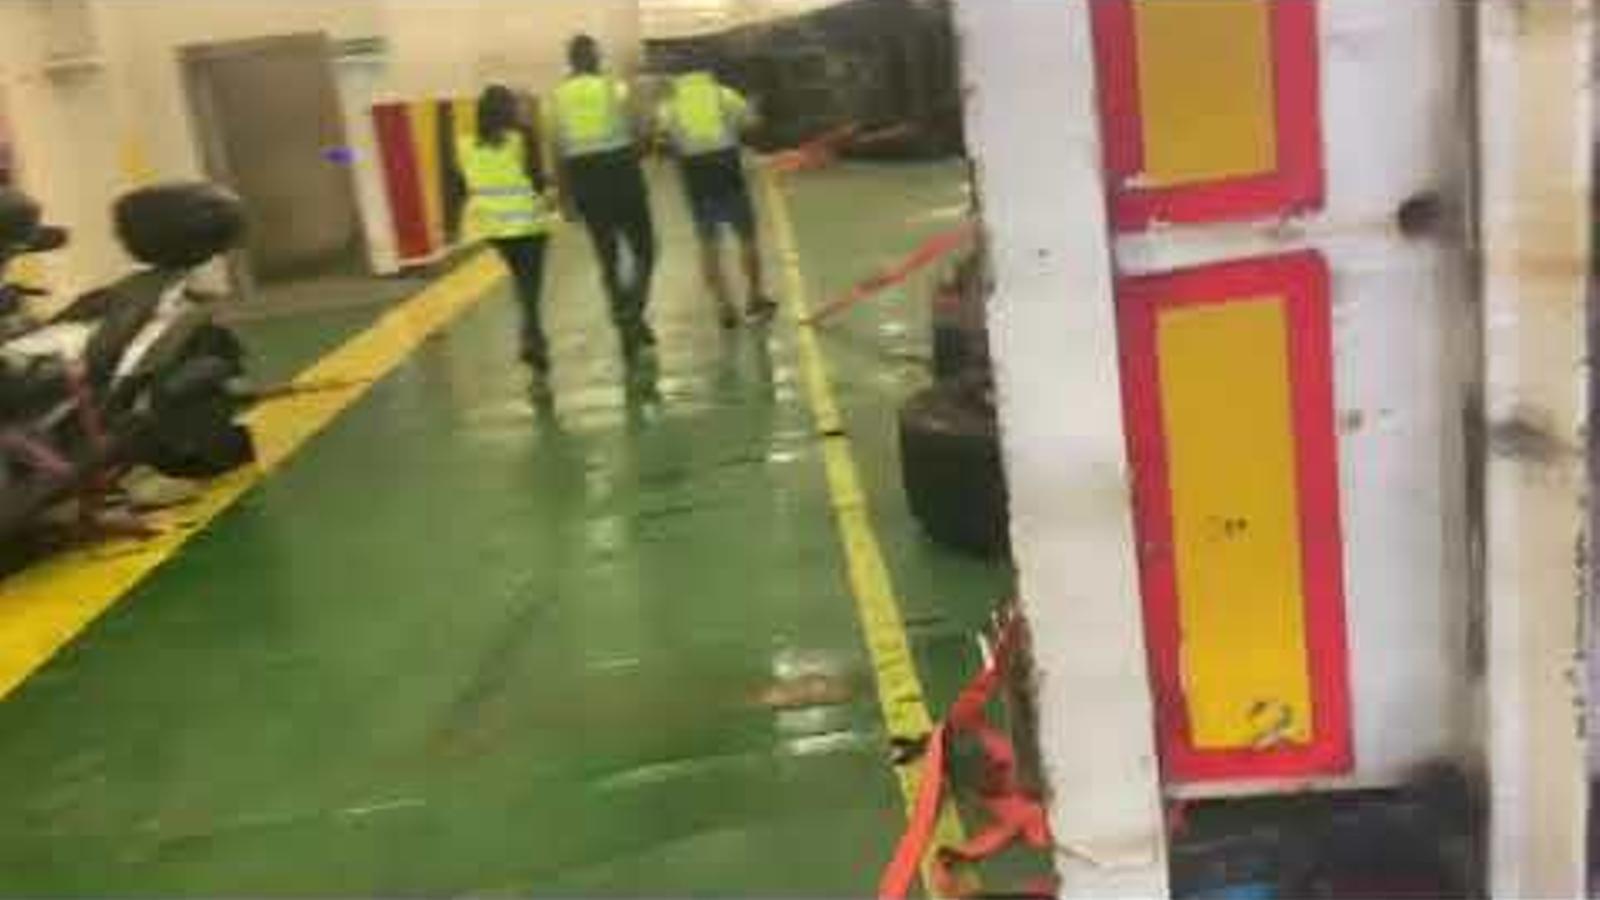 Bolquen diferents camions en un buc de Baleària a causa del temporal